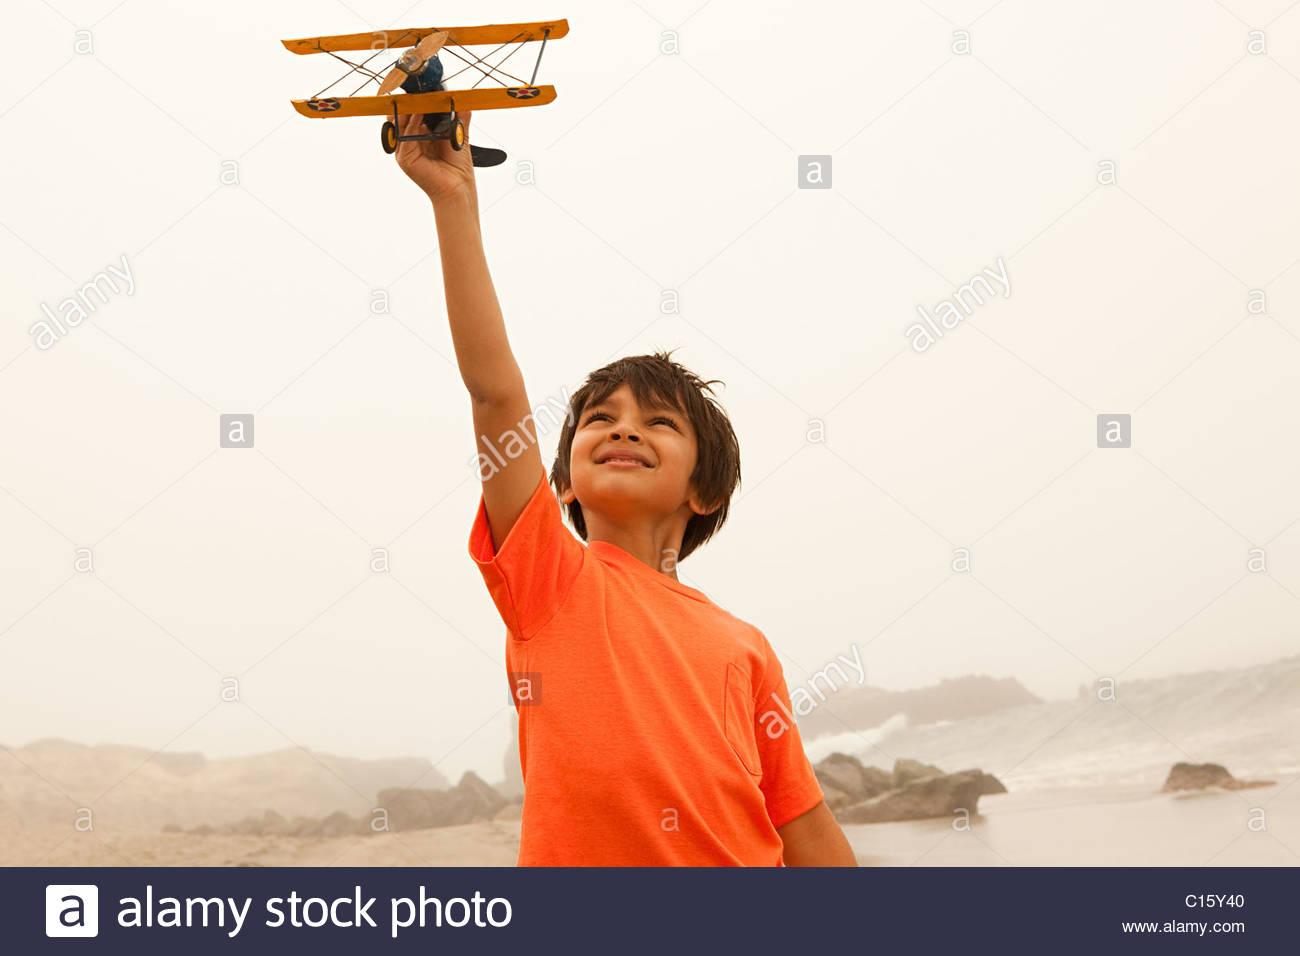 Ragazzo che indossa orange t shirt giocando con Toy piano Immagini Stock